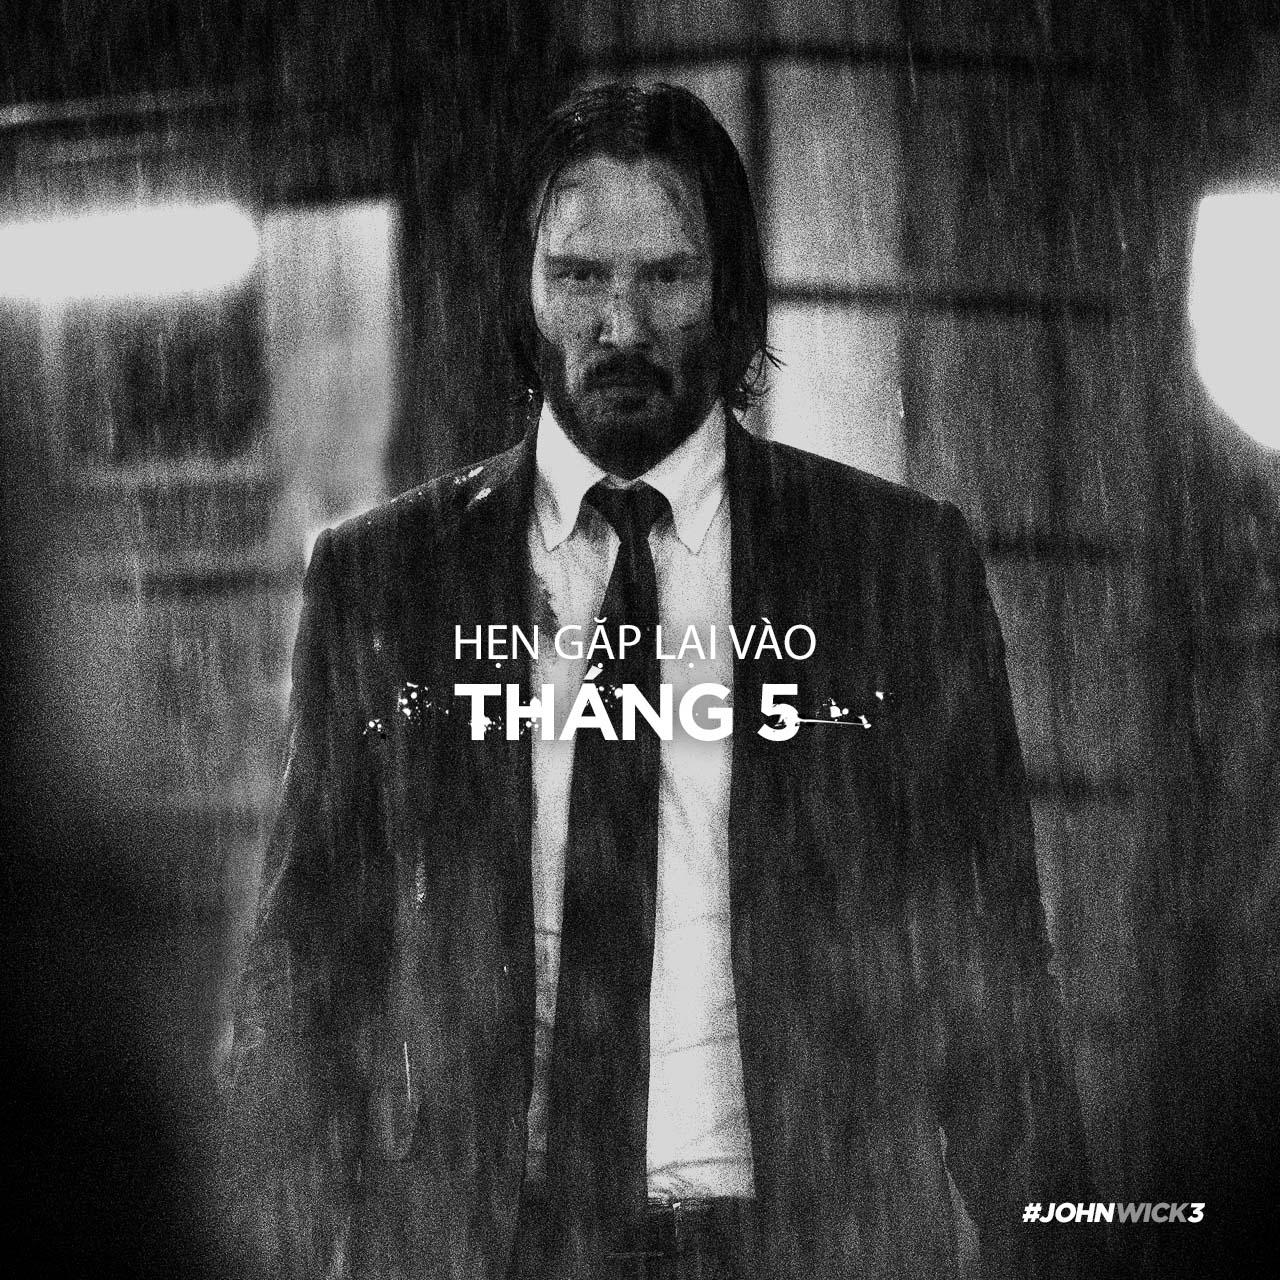 John Wick 3 – GÃ SÁT THỦ YÊU CHÓ ĐÃ TRỞ LẠI !!!